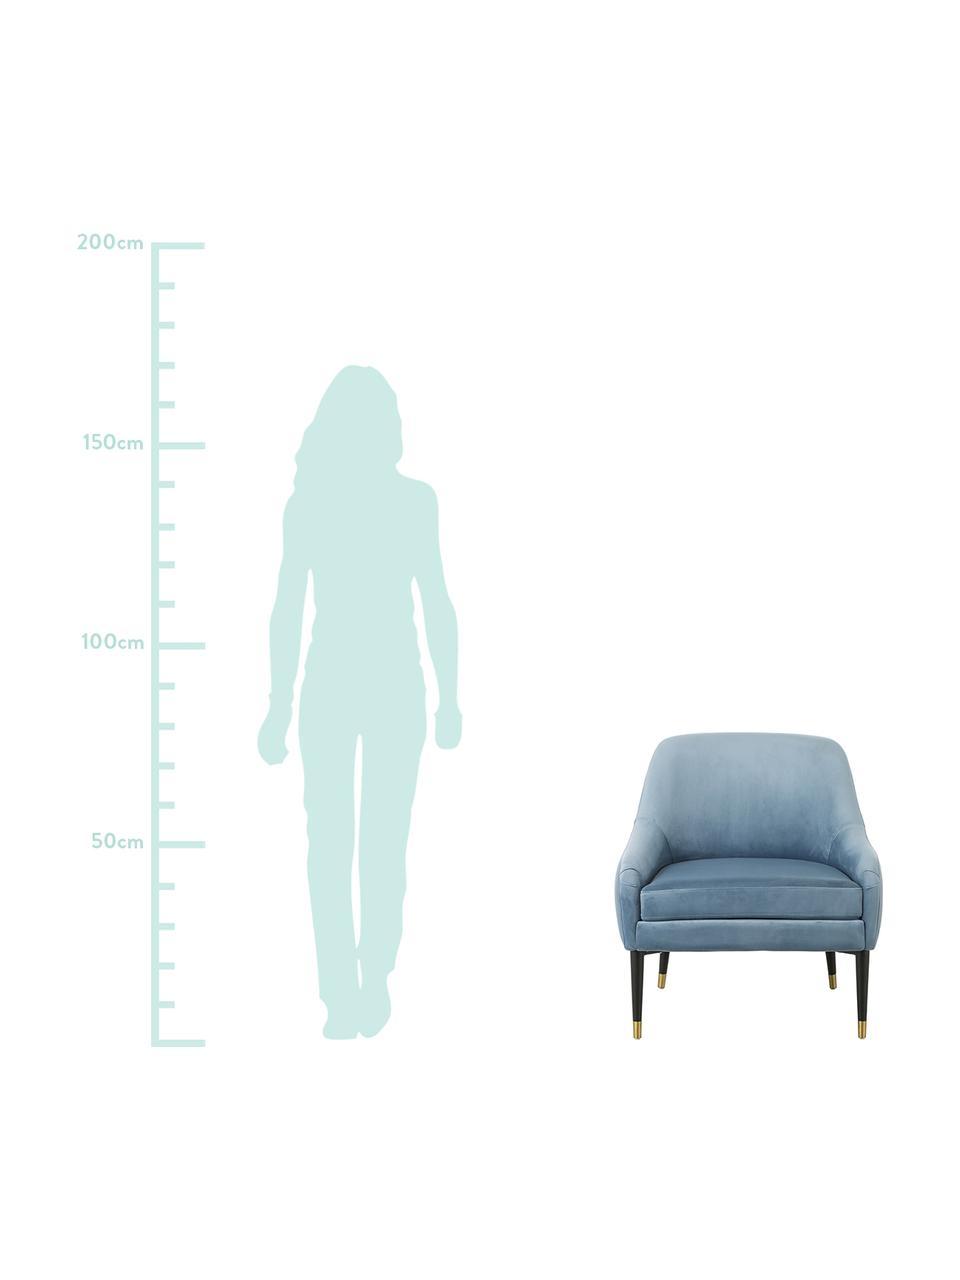 Sedia a poltrona in velluto blu chiaro Eugenia, Rivestimento: velluto (poliestere) 50.0, Gambe: metallo verniciato a polv, Velluto azzurro, Larg. 75 x Prof. 79 cm